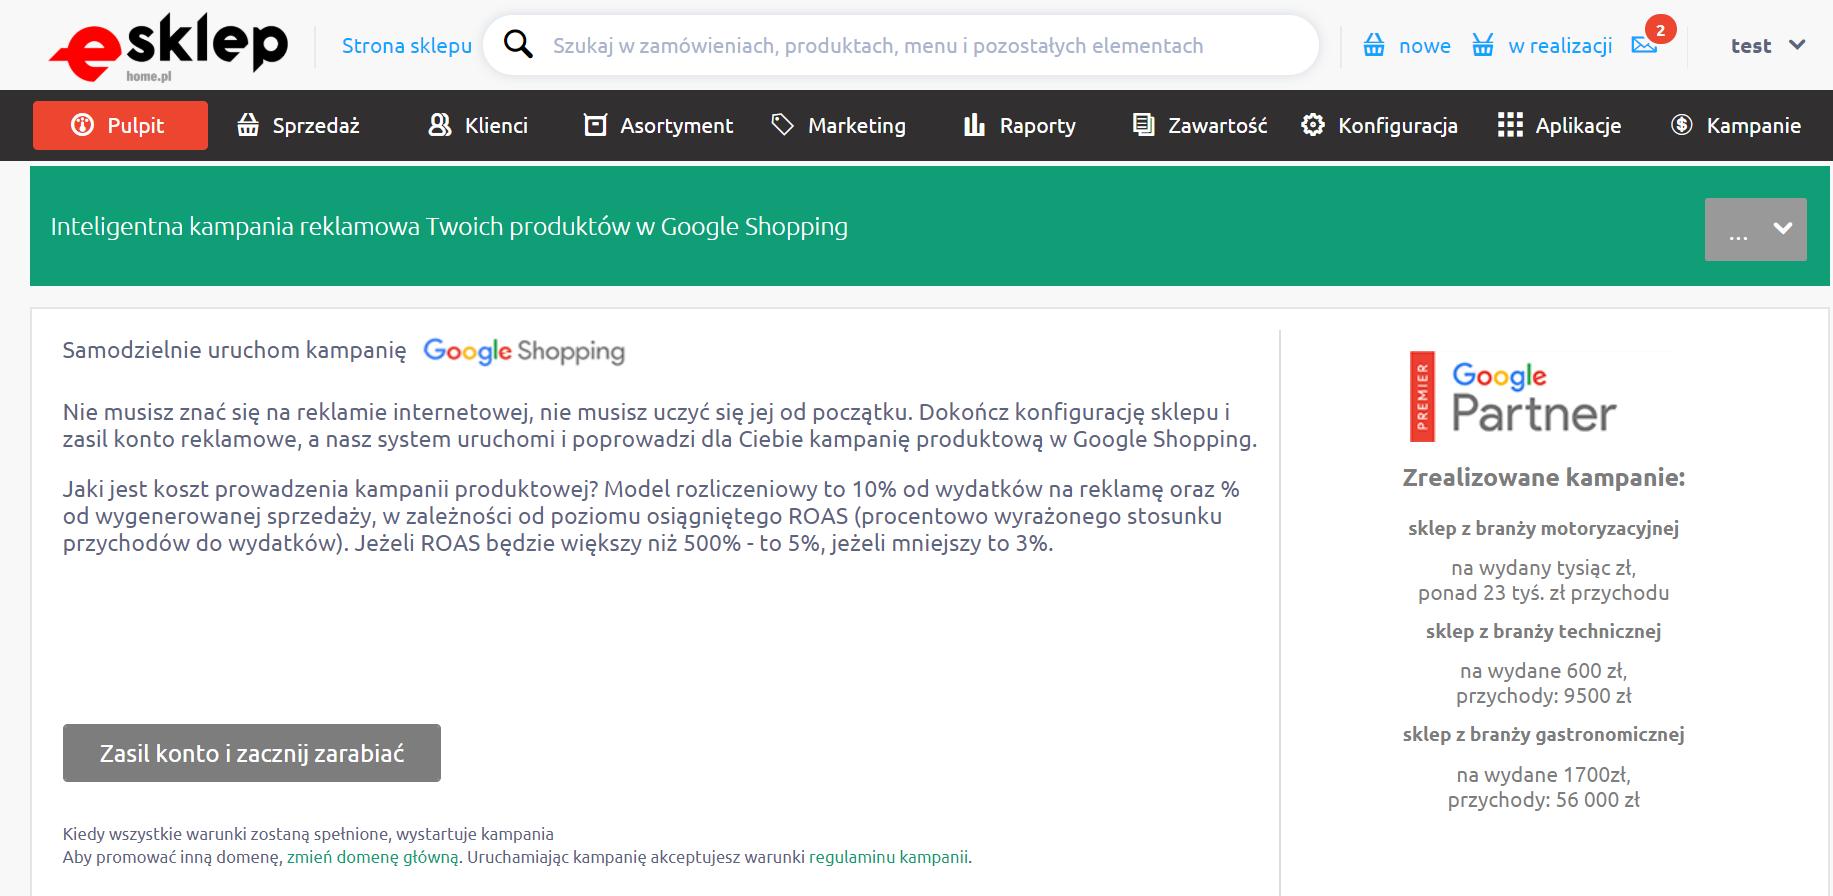 eSklep - Kampanie - Samodzielnie uruchom kampanię Google Shopping